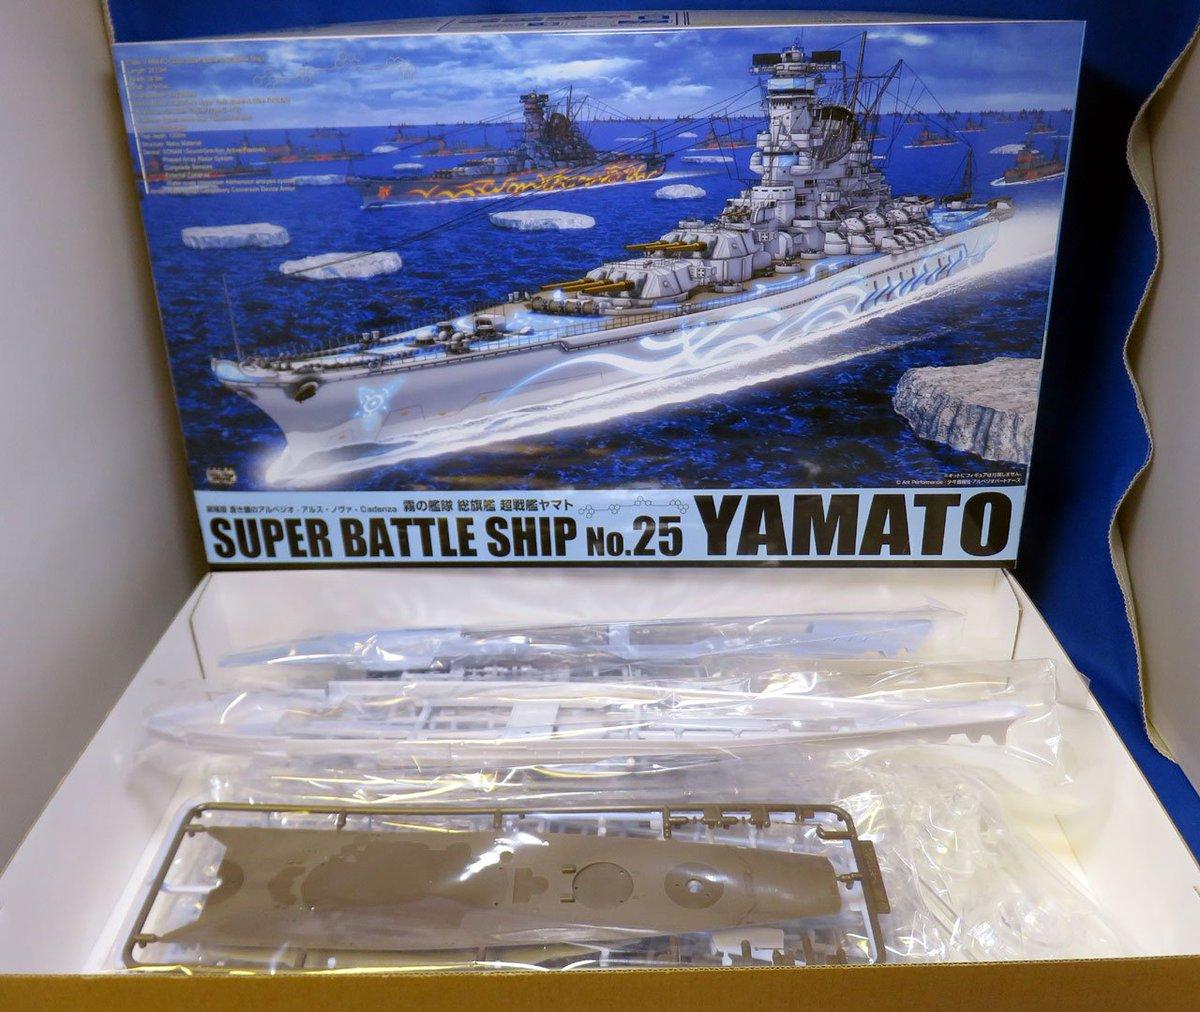 #プラモ アオシマ 1/700 アルペジオ版超戦艦ヤマトを昨日買いました。